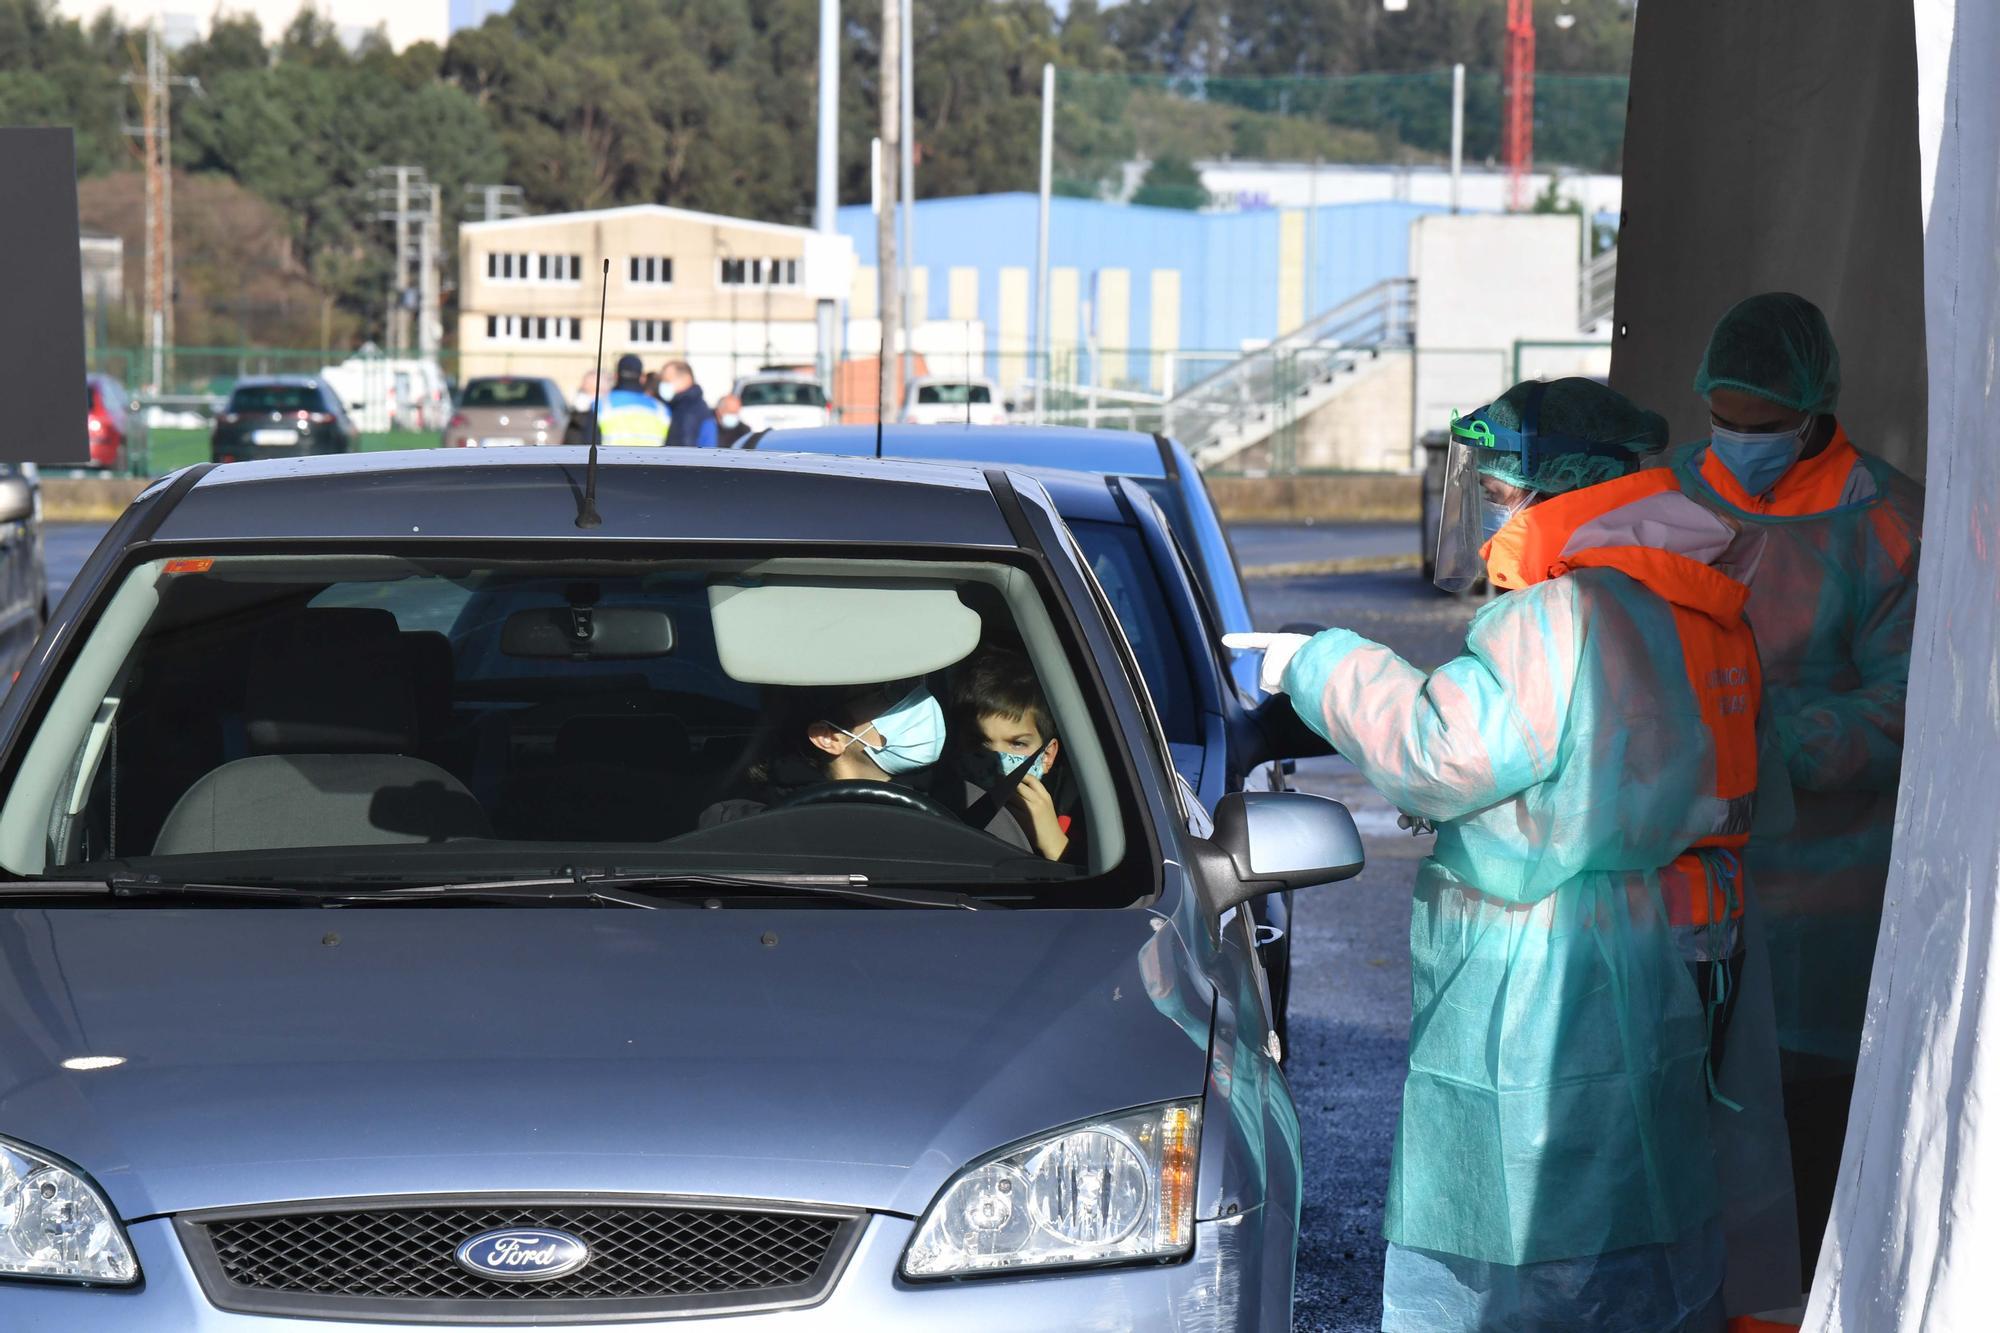 Arranca el cribado en Arteixo, el concello con una mayor incidencia en la comarca de A Coruña